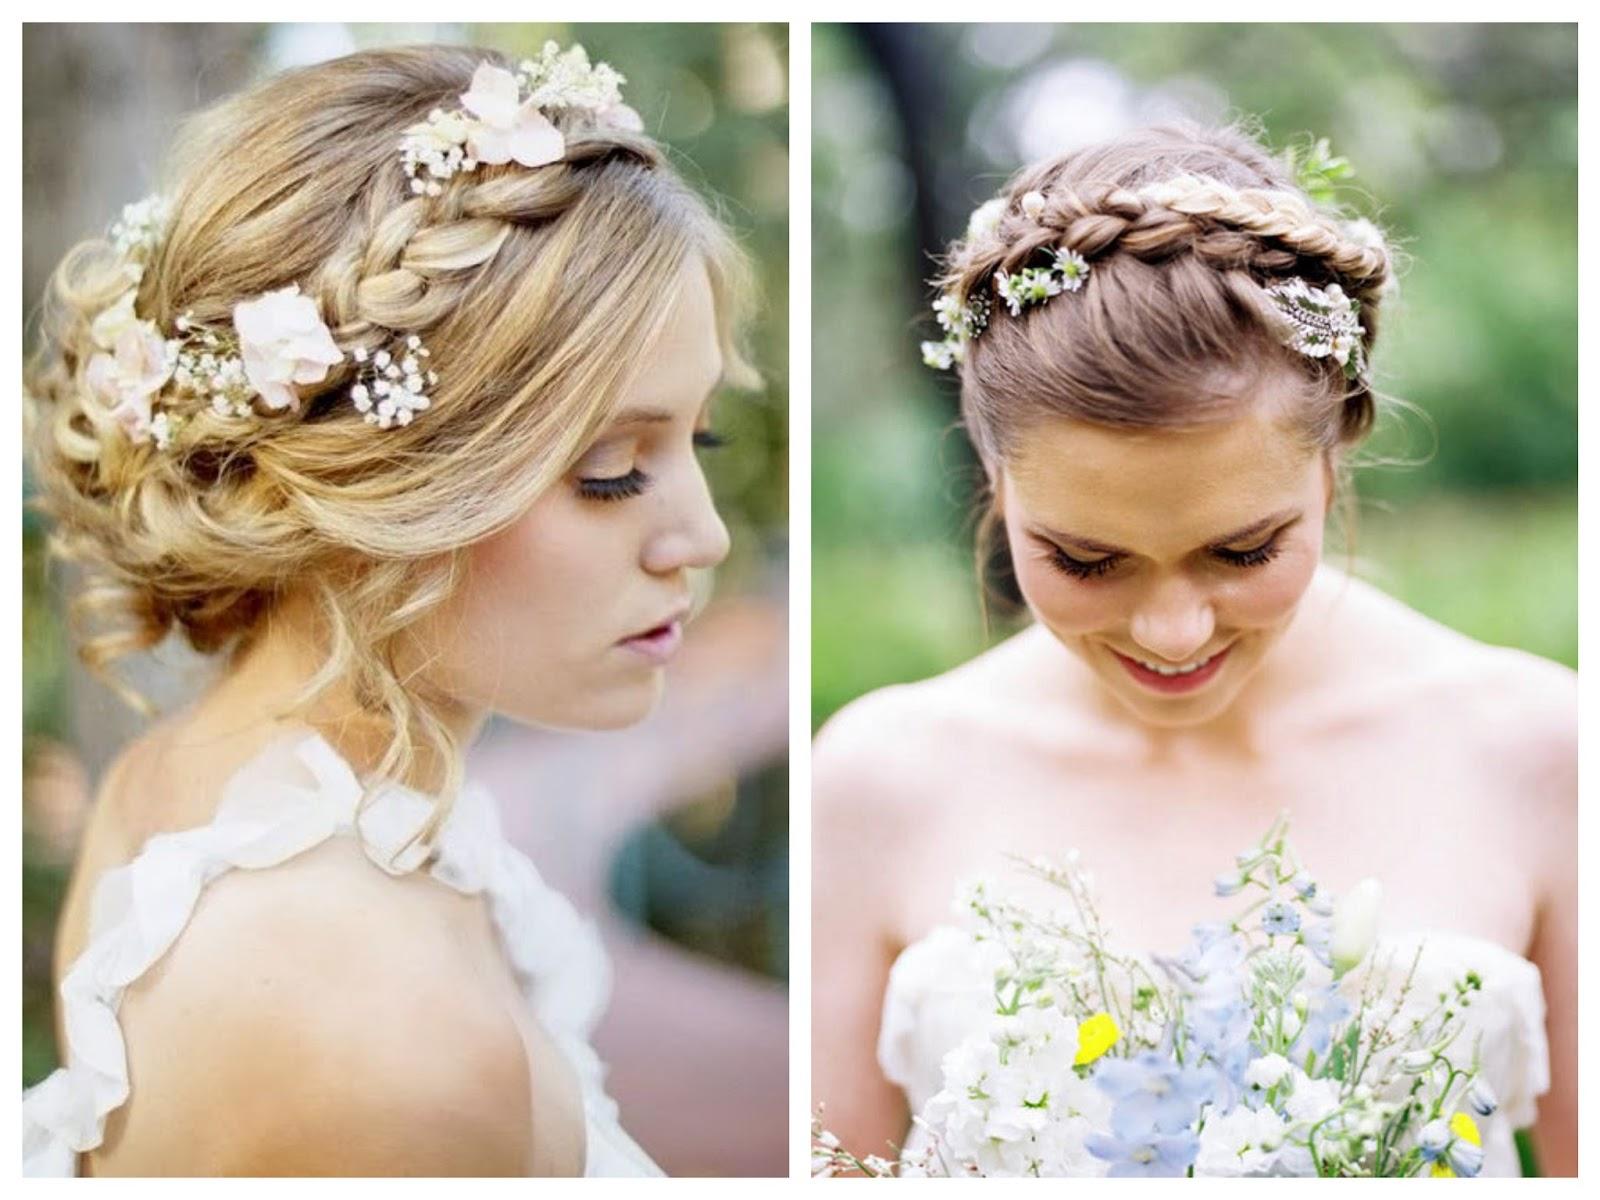 Peinados con trenzas para invitadas - Peinados modernos para boda ...